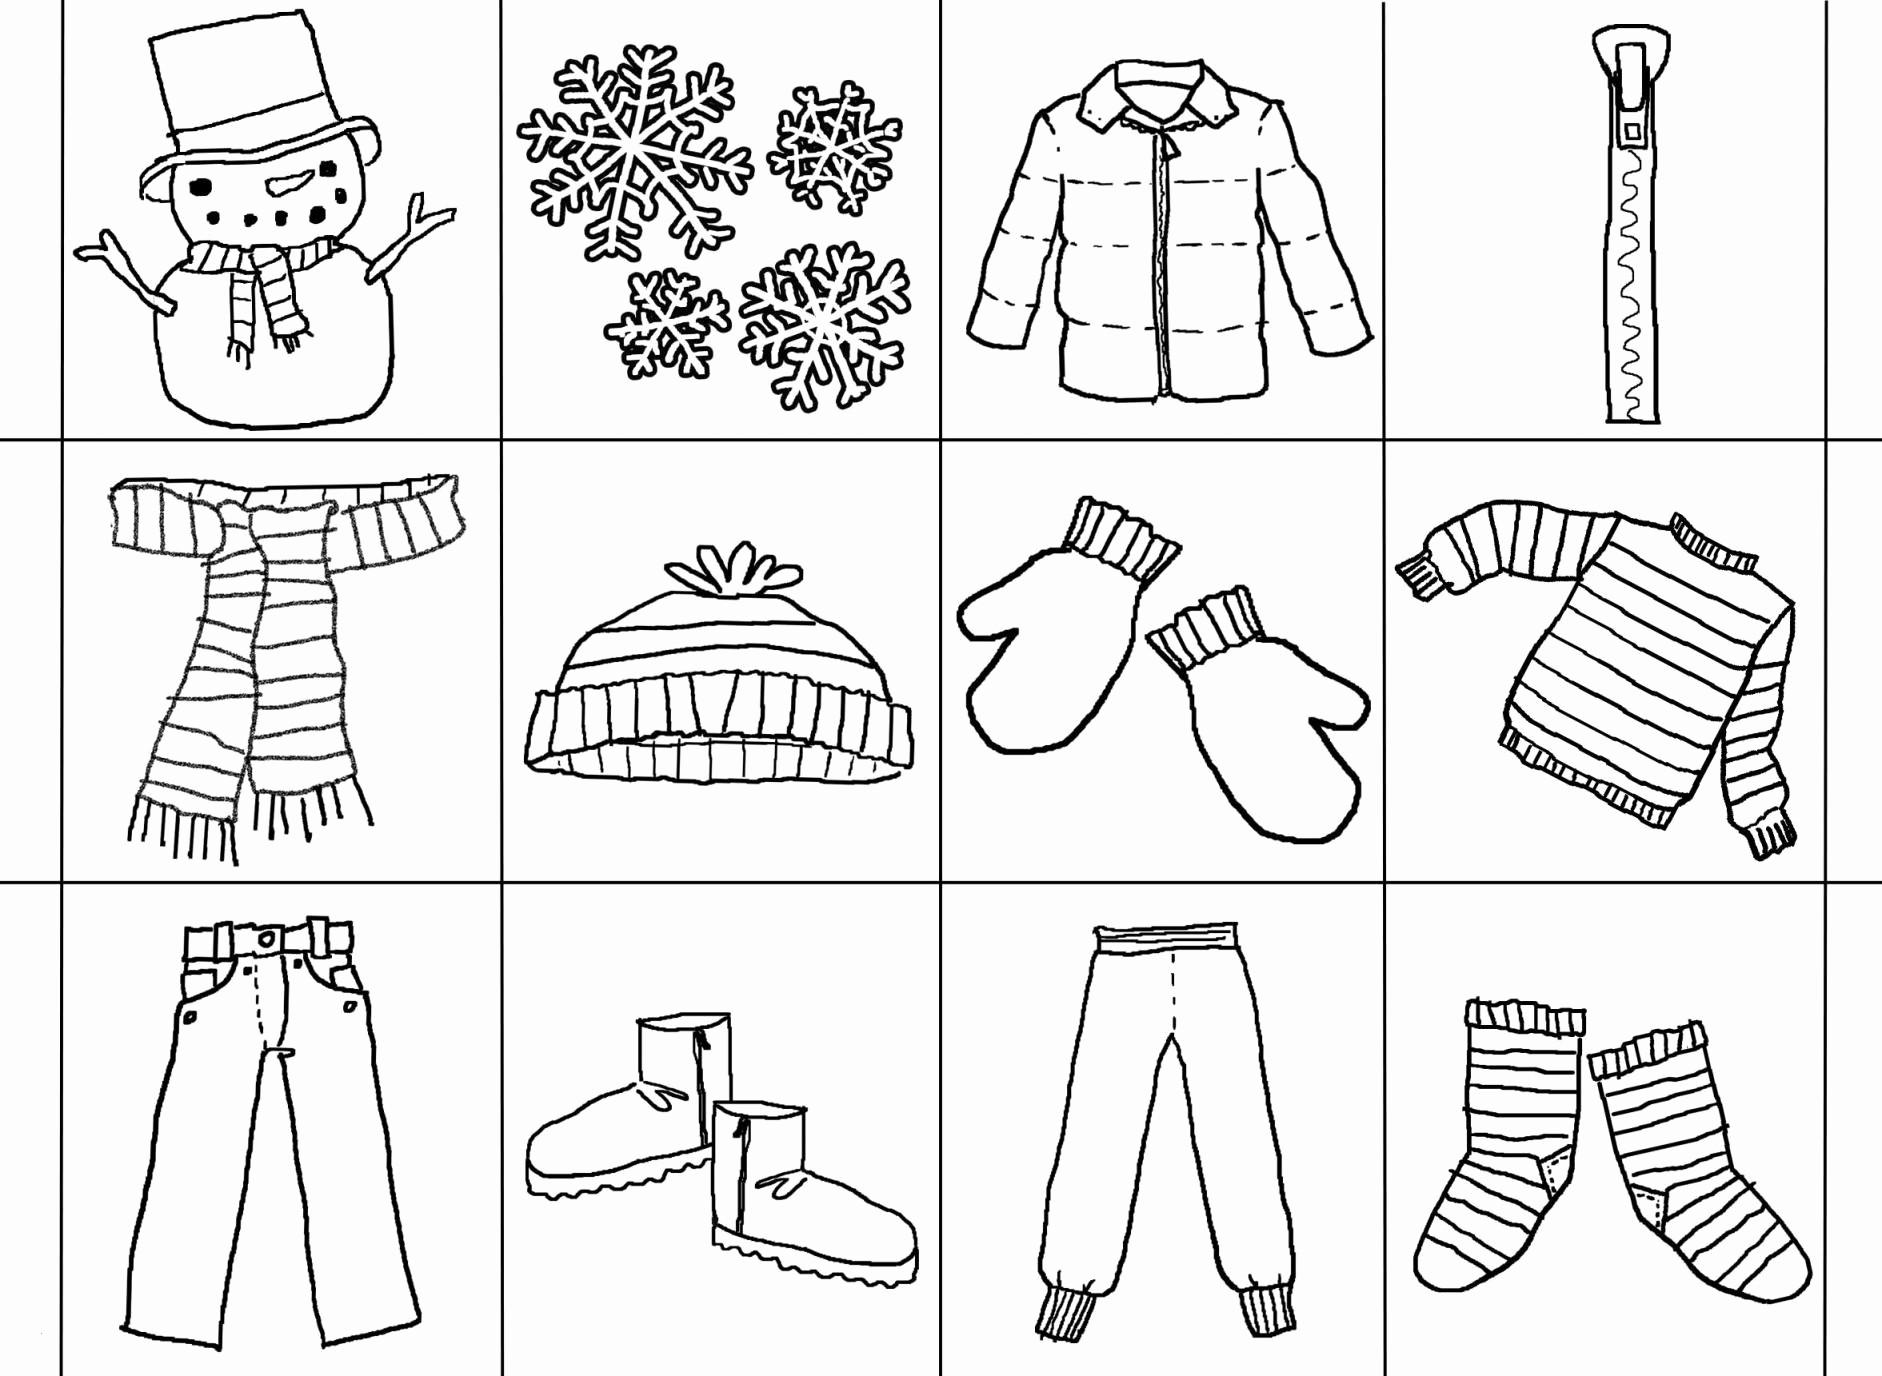 Ausmalbilder Von Bibi Und Tina Neu 59 Kollektionen Von Designs Von Ausmalbilder Bibi Und Tina Stock